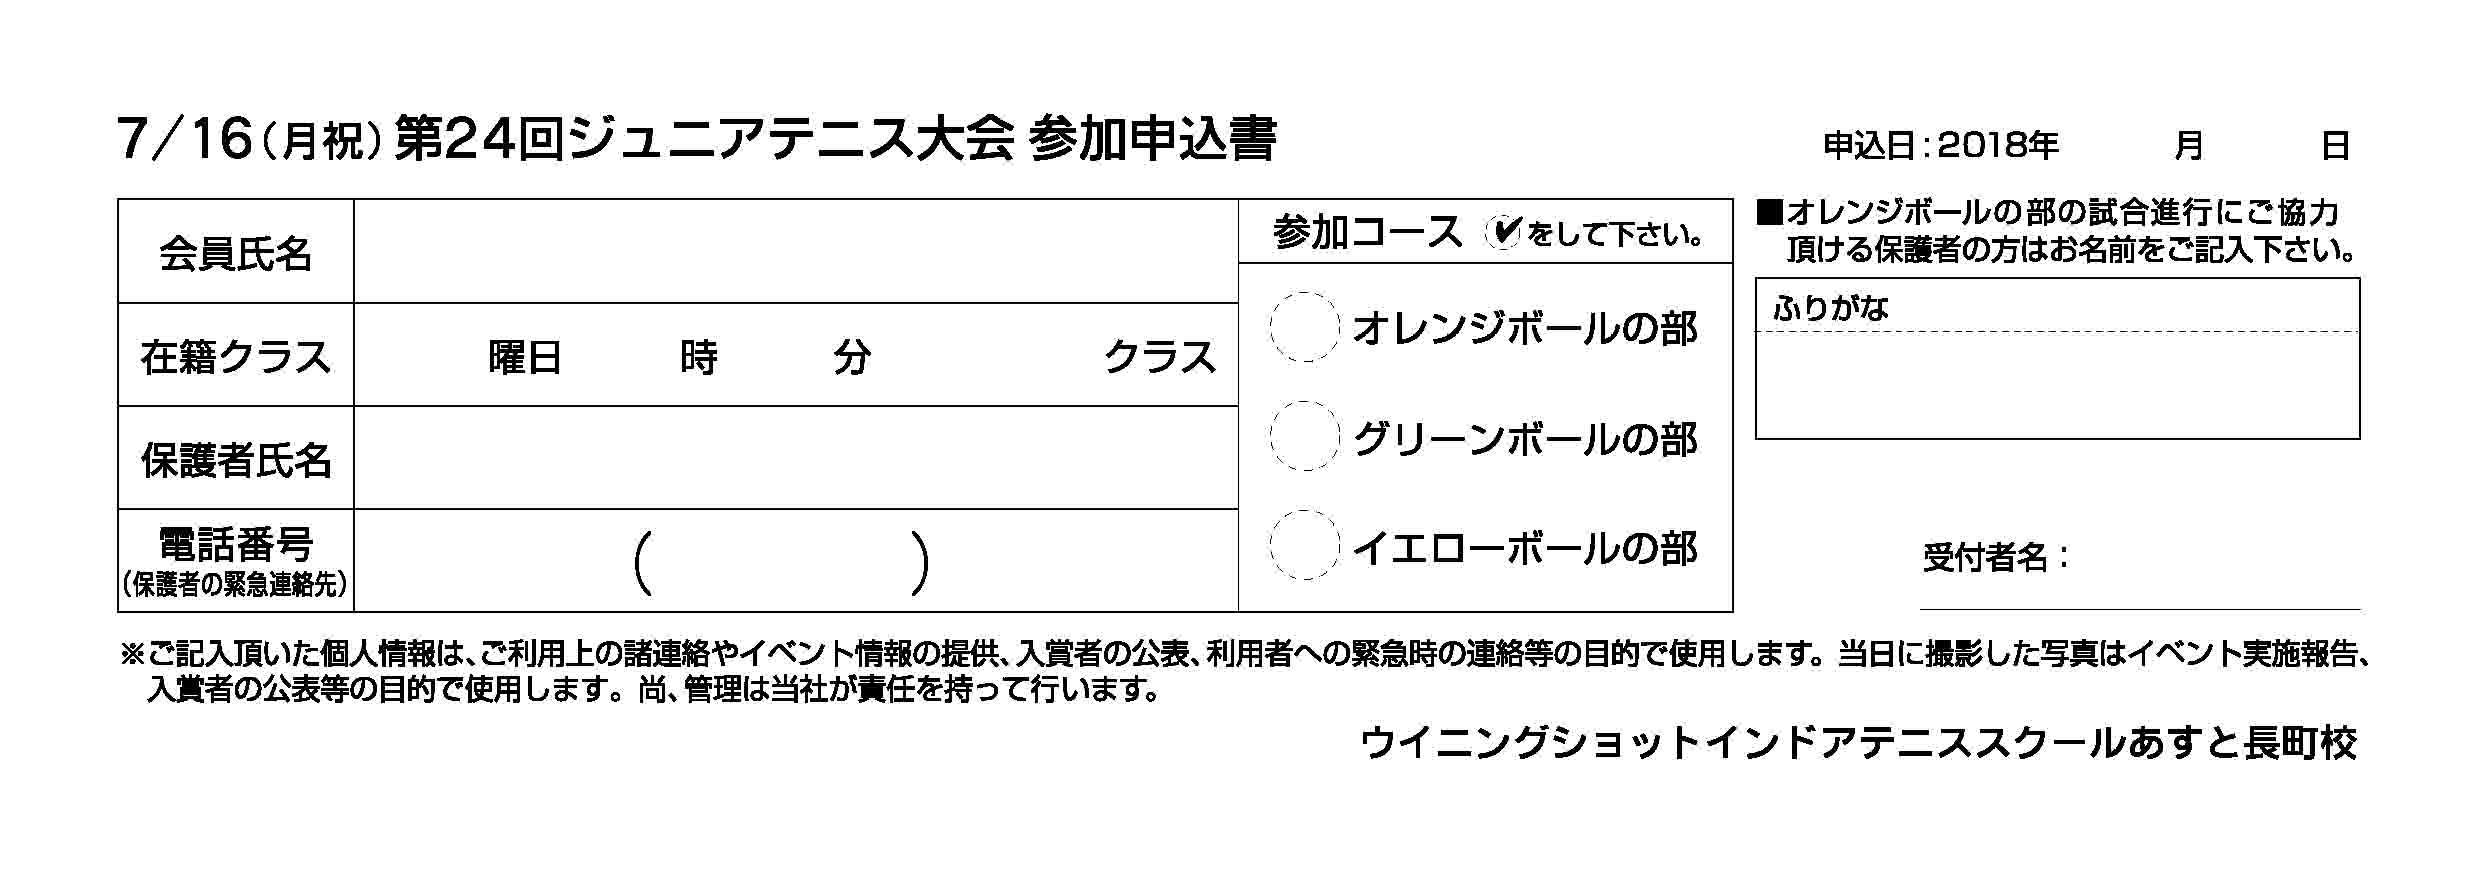 【7/16開催】第24回ジュニアテニス大会